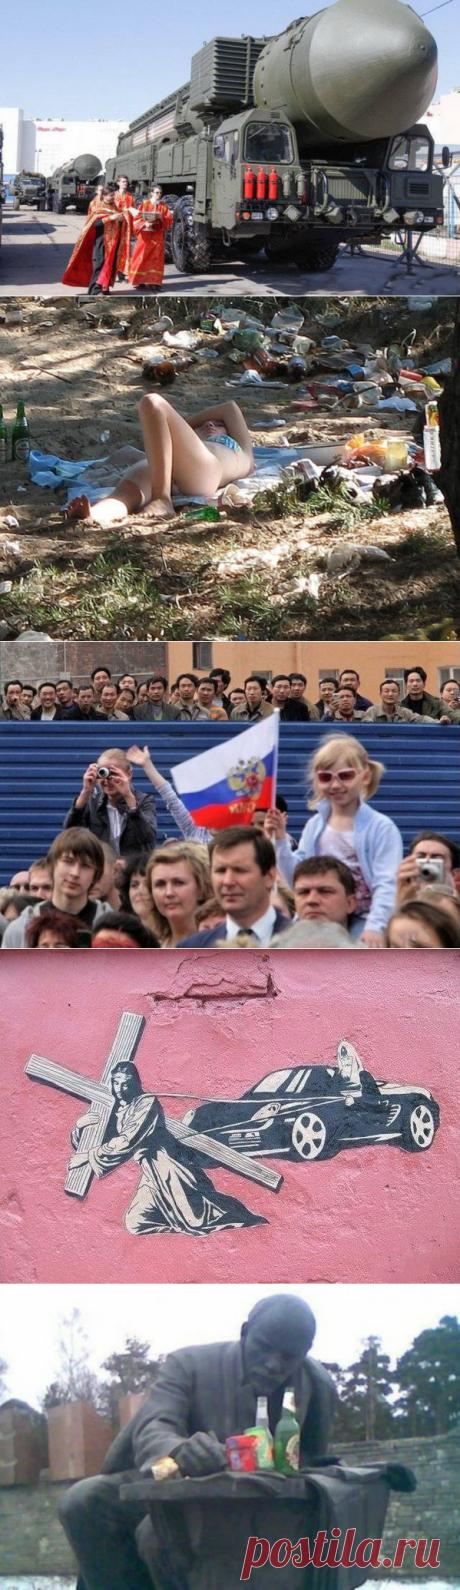 Роисся вперде-7